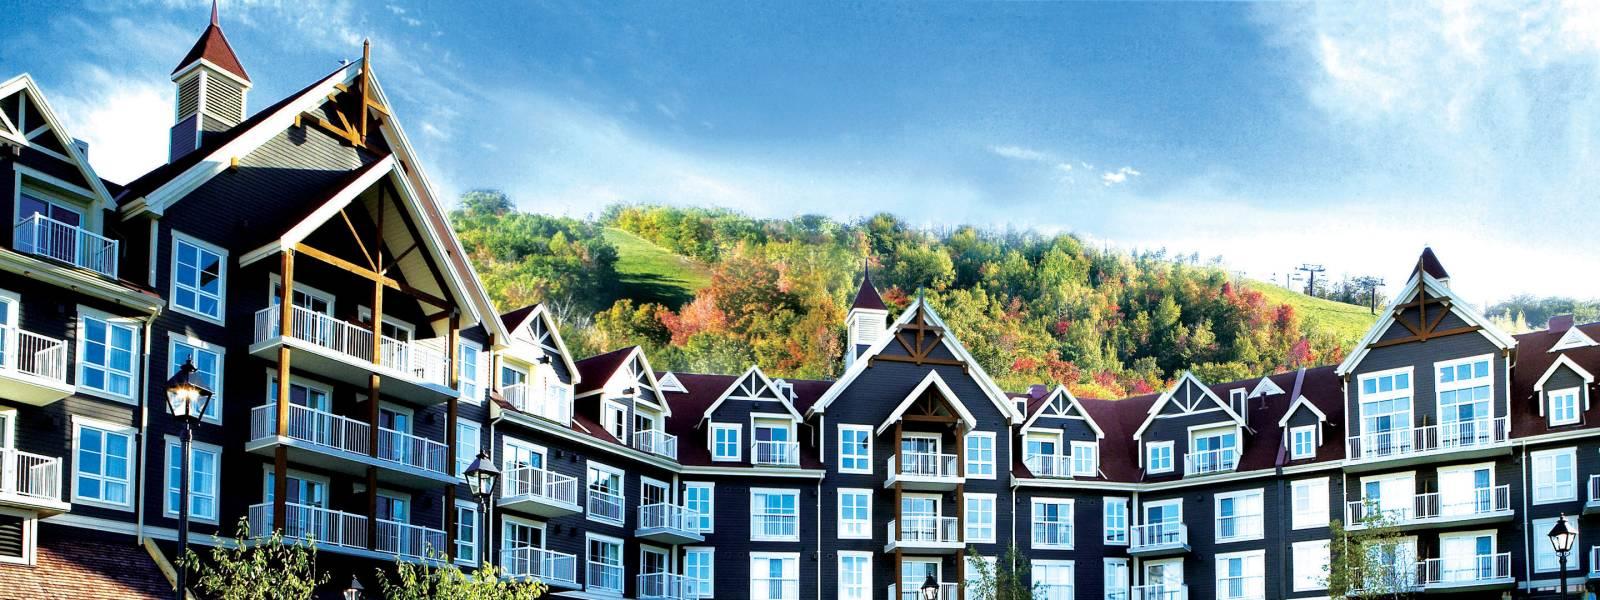 The Westin Trillium House Blue Mountain